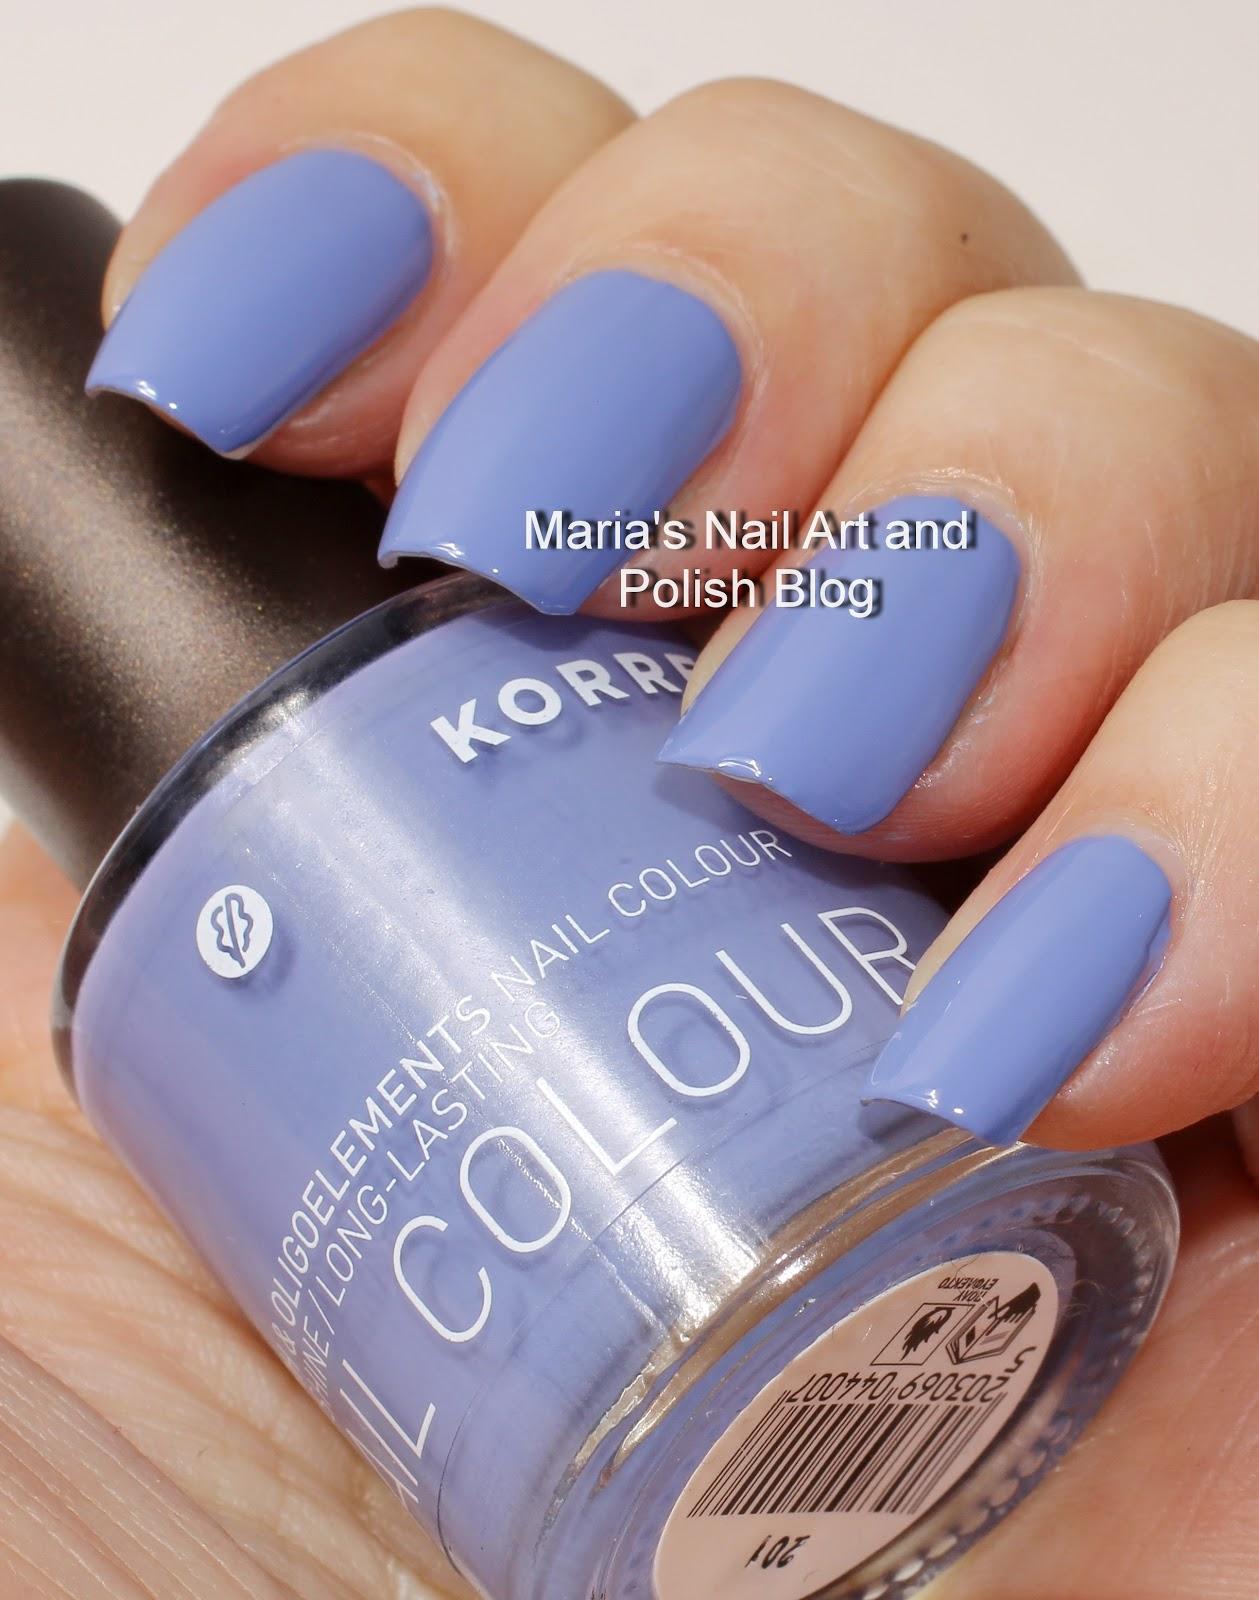 Marias Nail Art and Polish Blog: Korres Lavender 72 and Ultra Violet 29